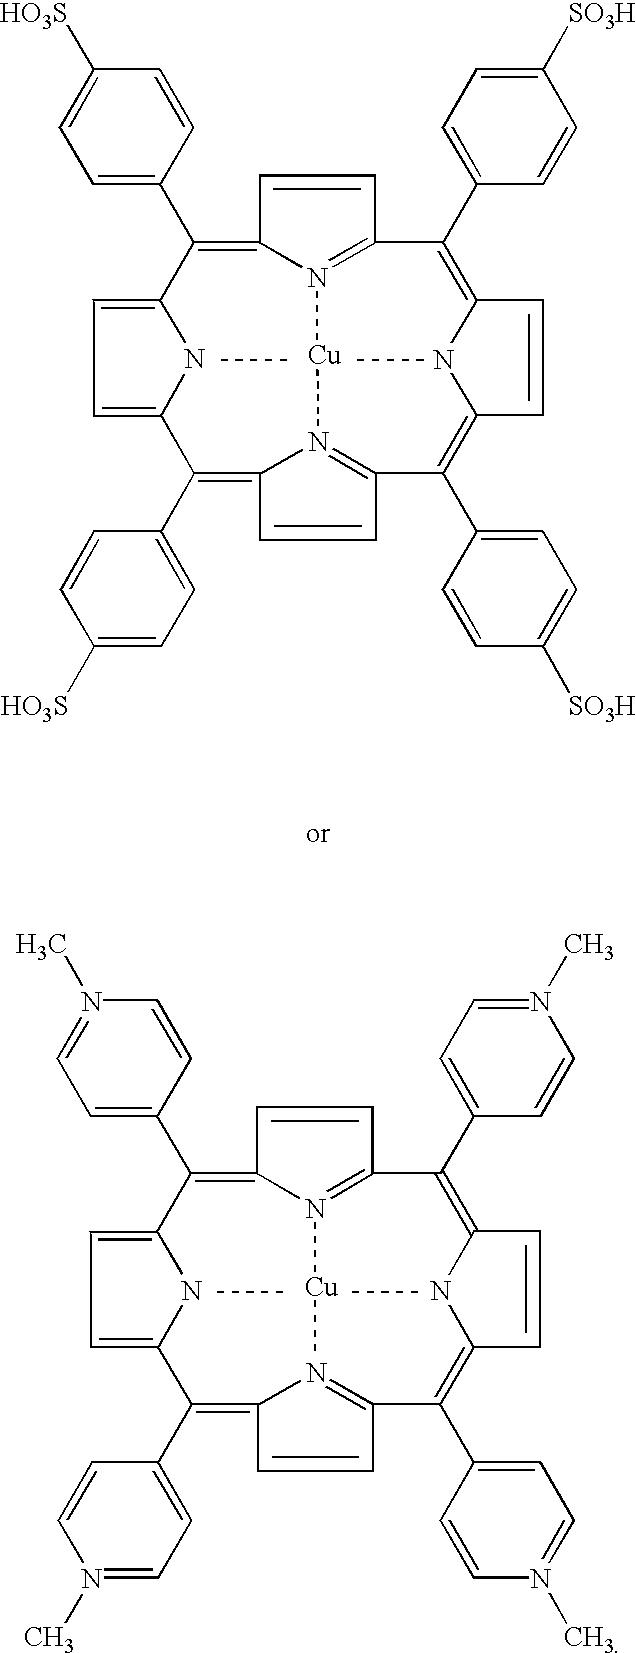 Figure US20030021983A1-20030130-C00009